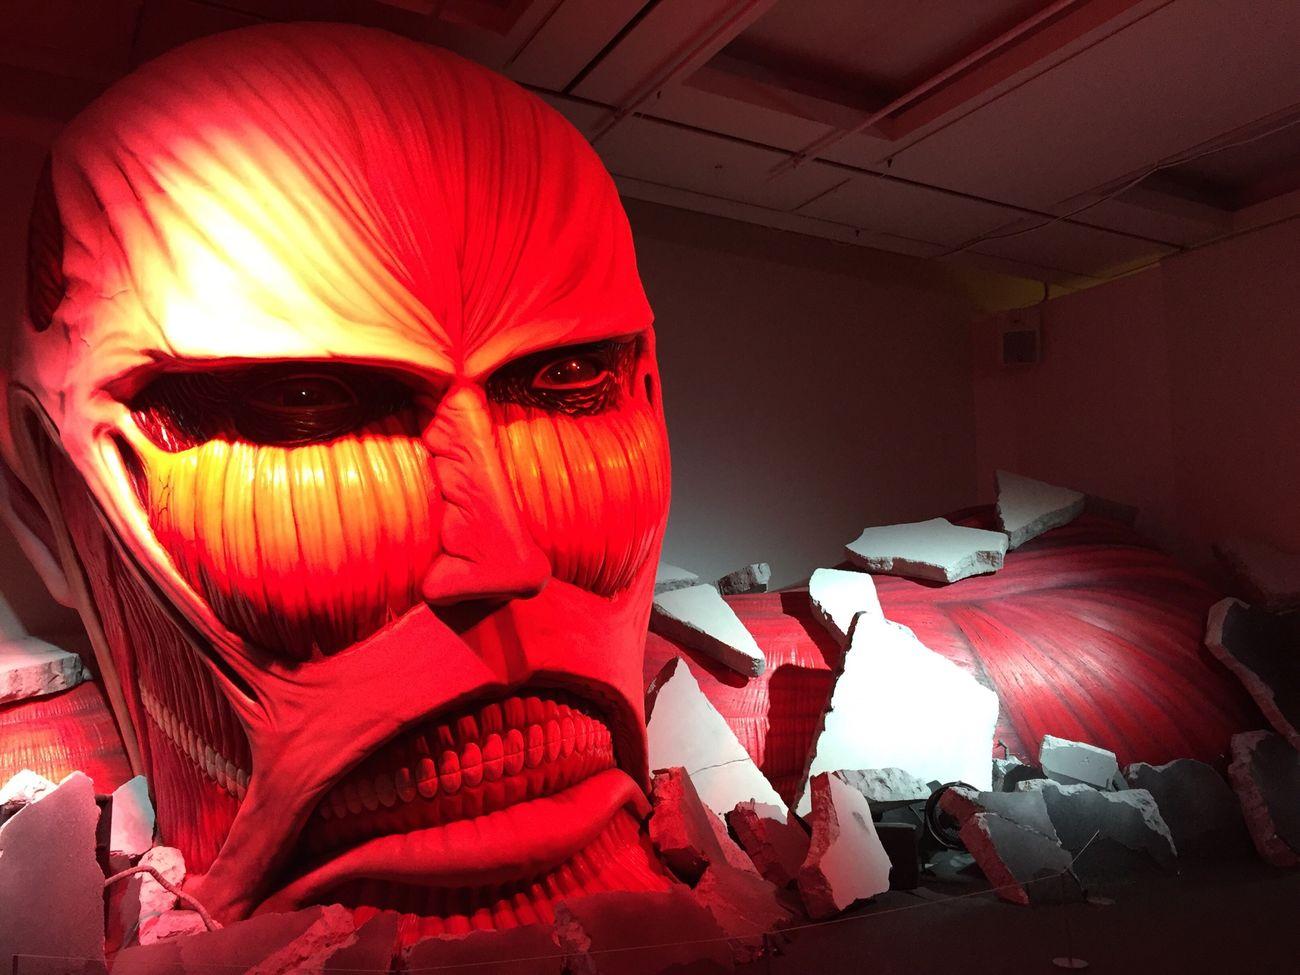 上野の森美術館 Attack On Titan 進撃の巨人展 進撃の巨人